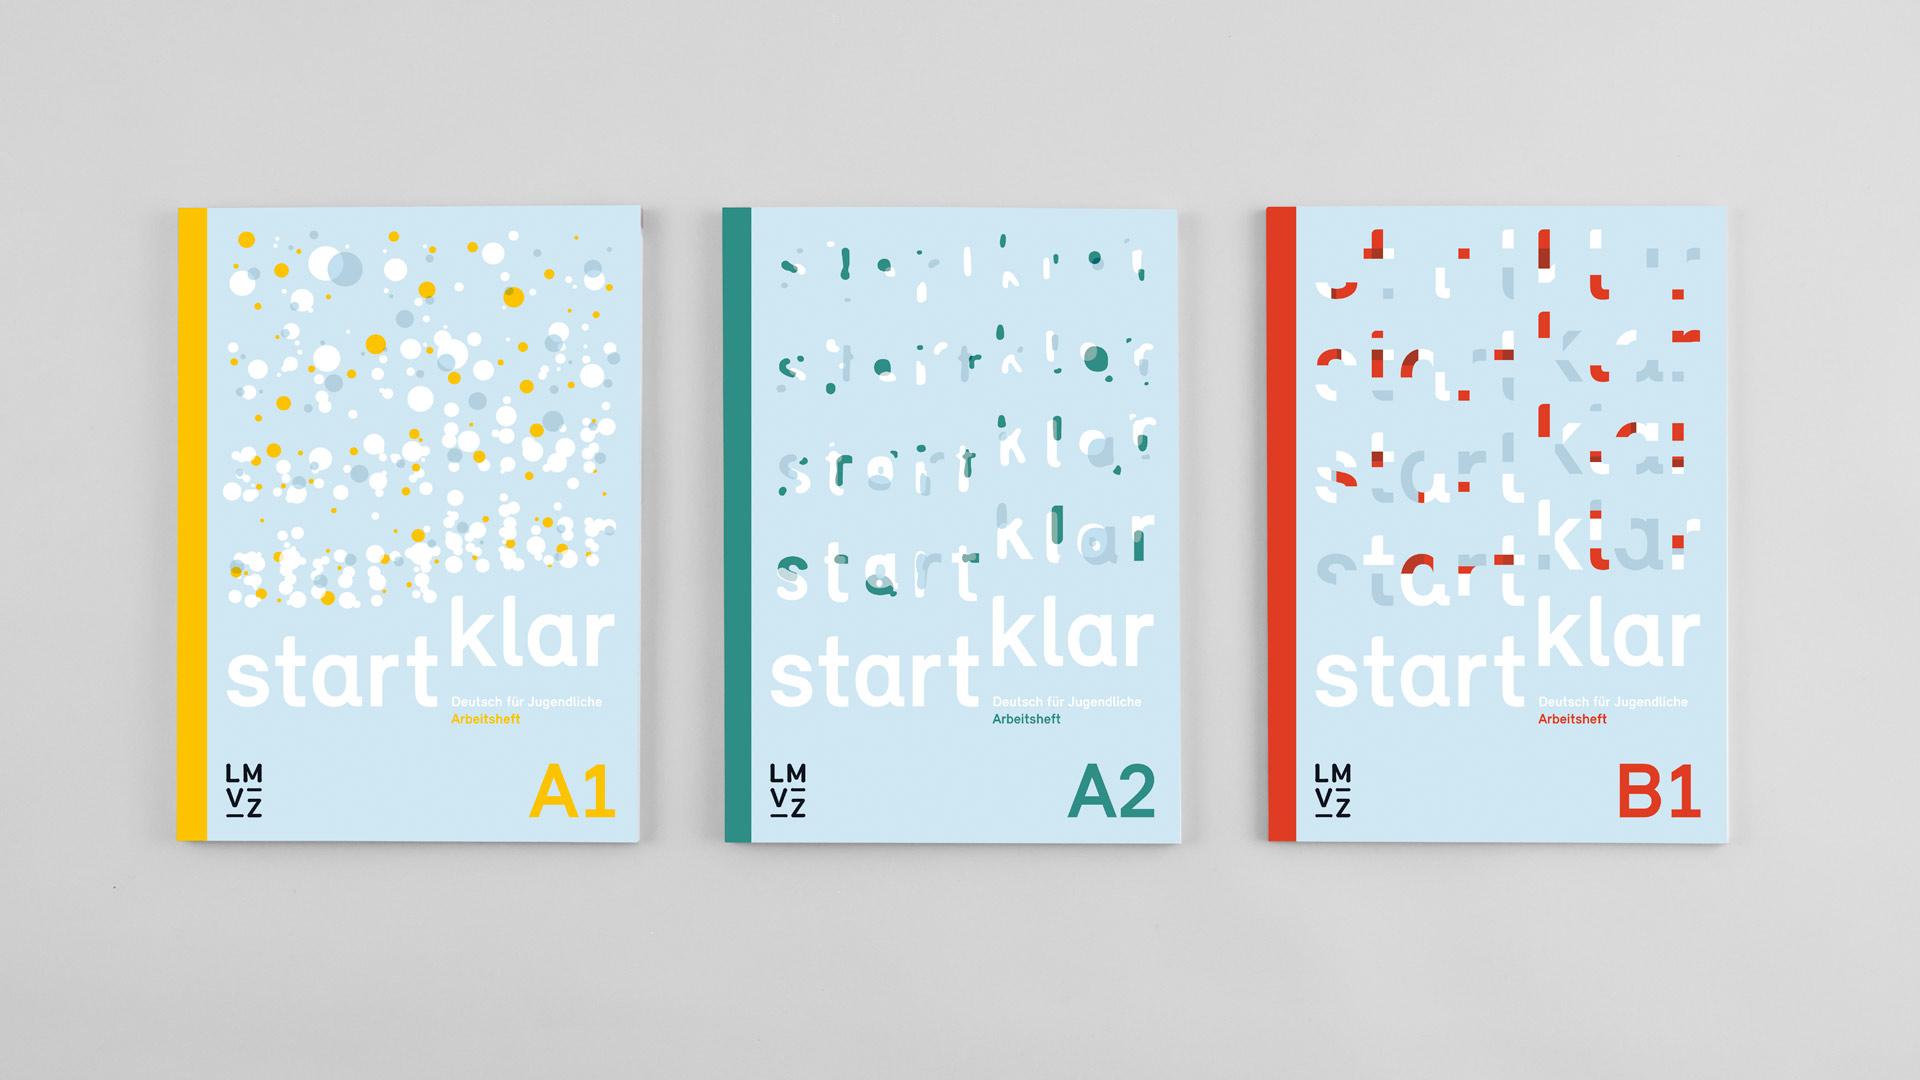 l'équipe [visuelle] – Grafik Werbung Agentur Luzern Emmenbruecke – Lehrmittelverlag-Zuerich – startklar Lehrmittel, Deutsch als Zweitsprache A1 – B1